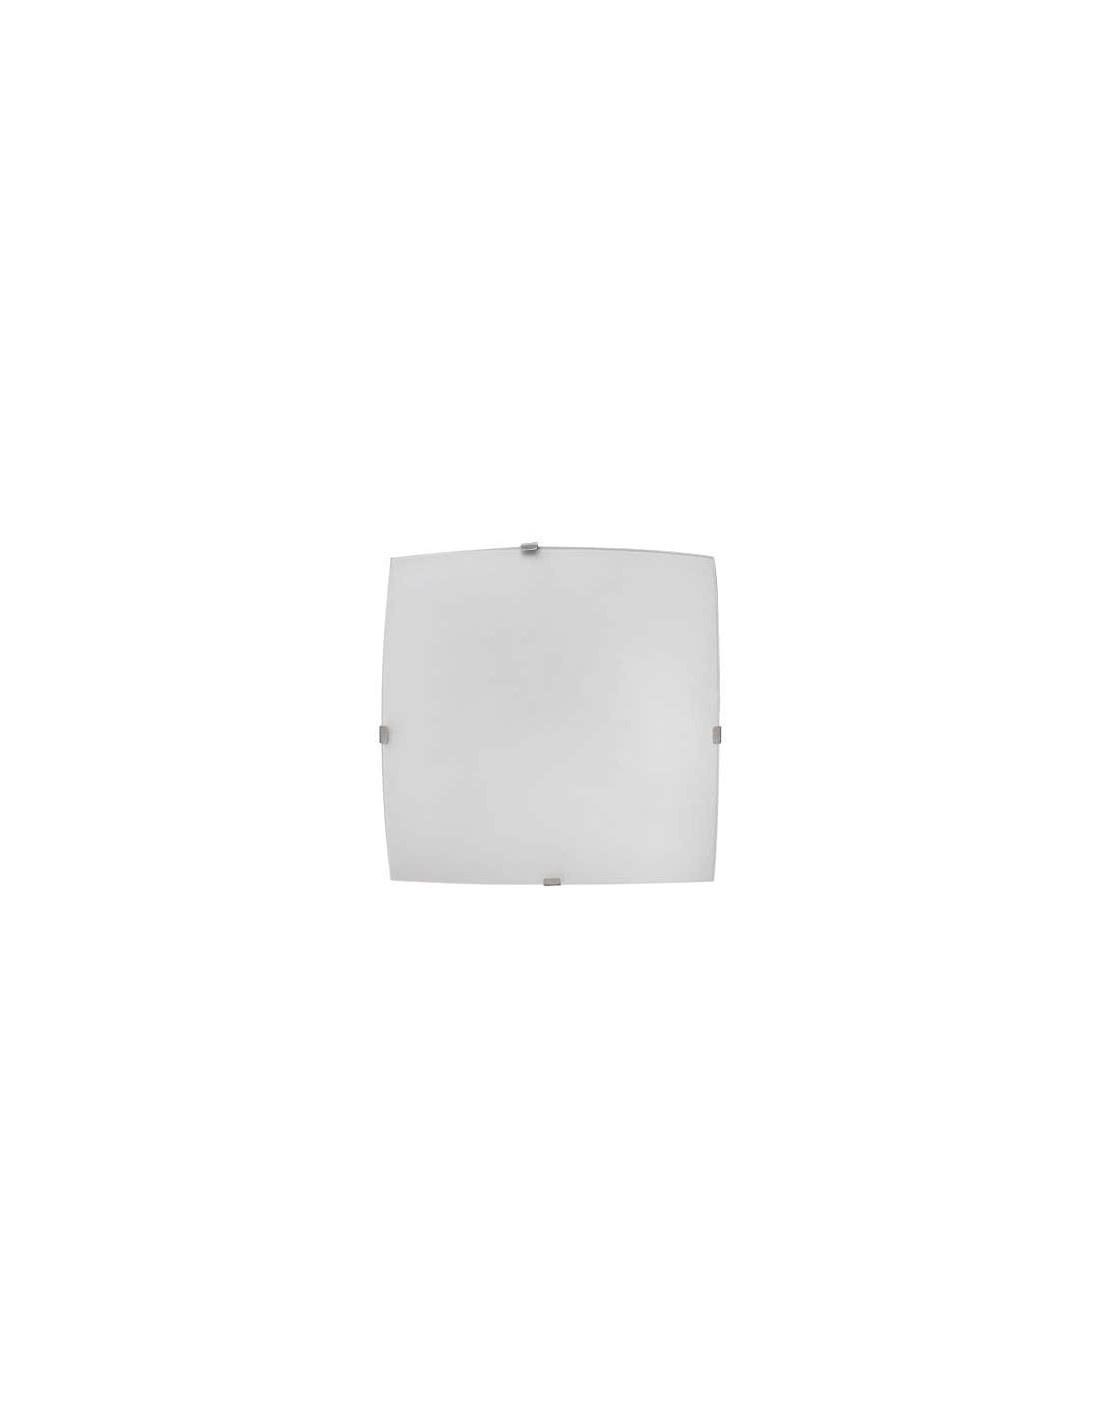 Acheter hercules 05 9212 ca t2 leds c4 encastrable ext rieur for Lampe exterieur encastrable